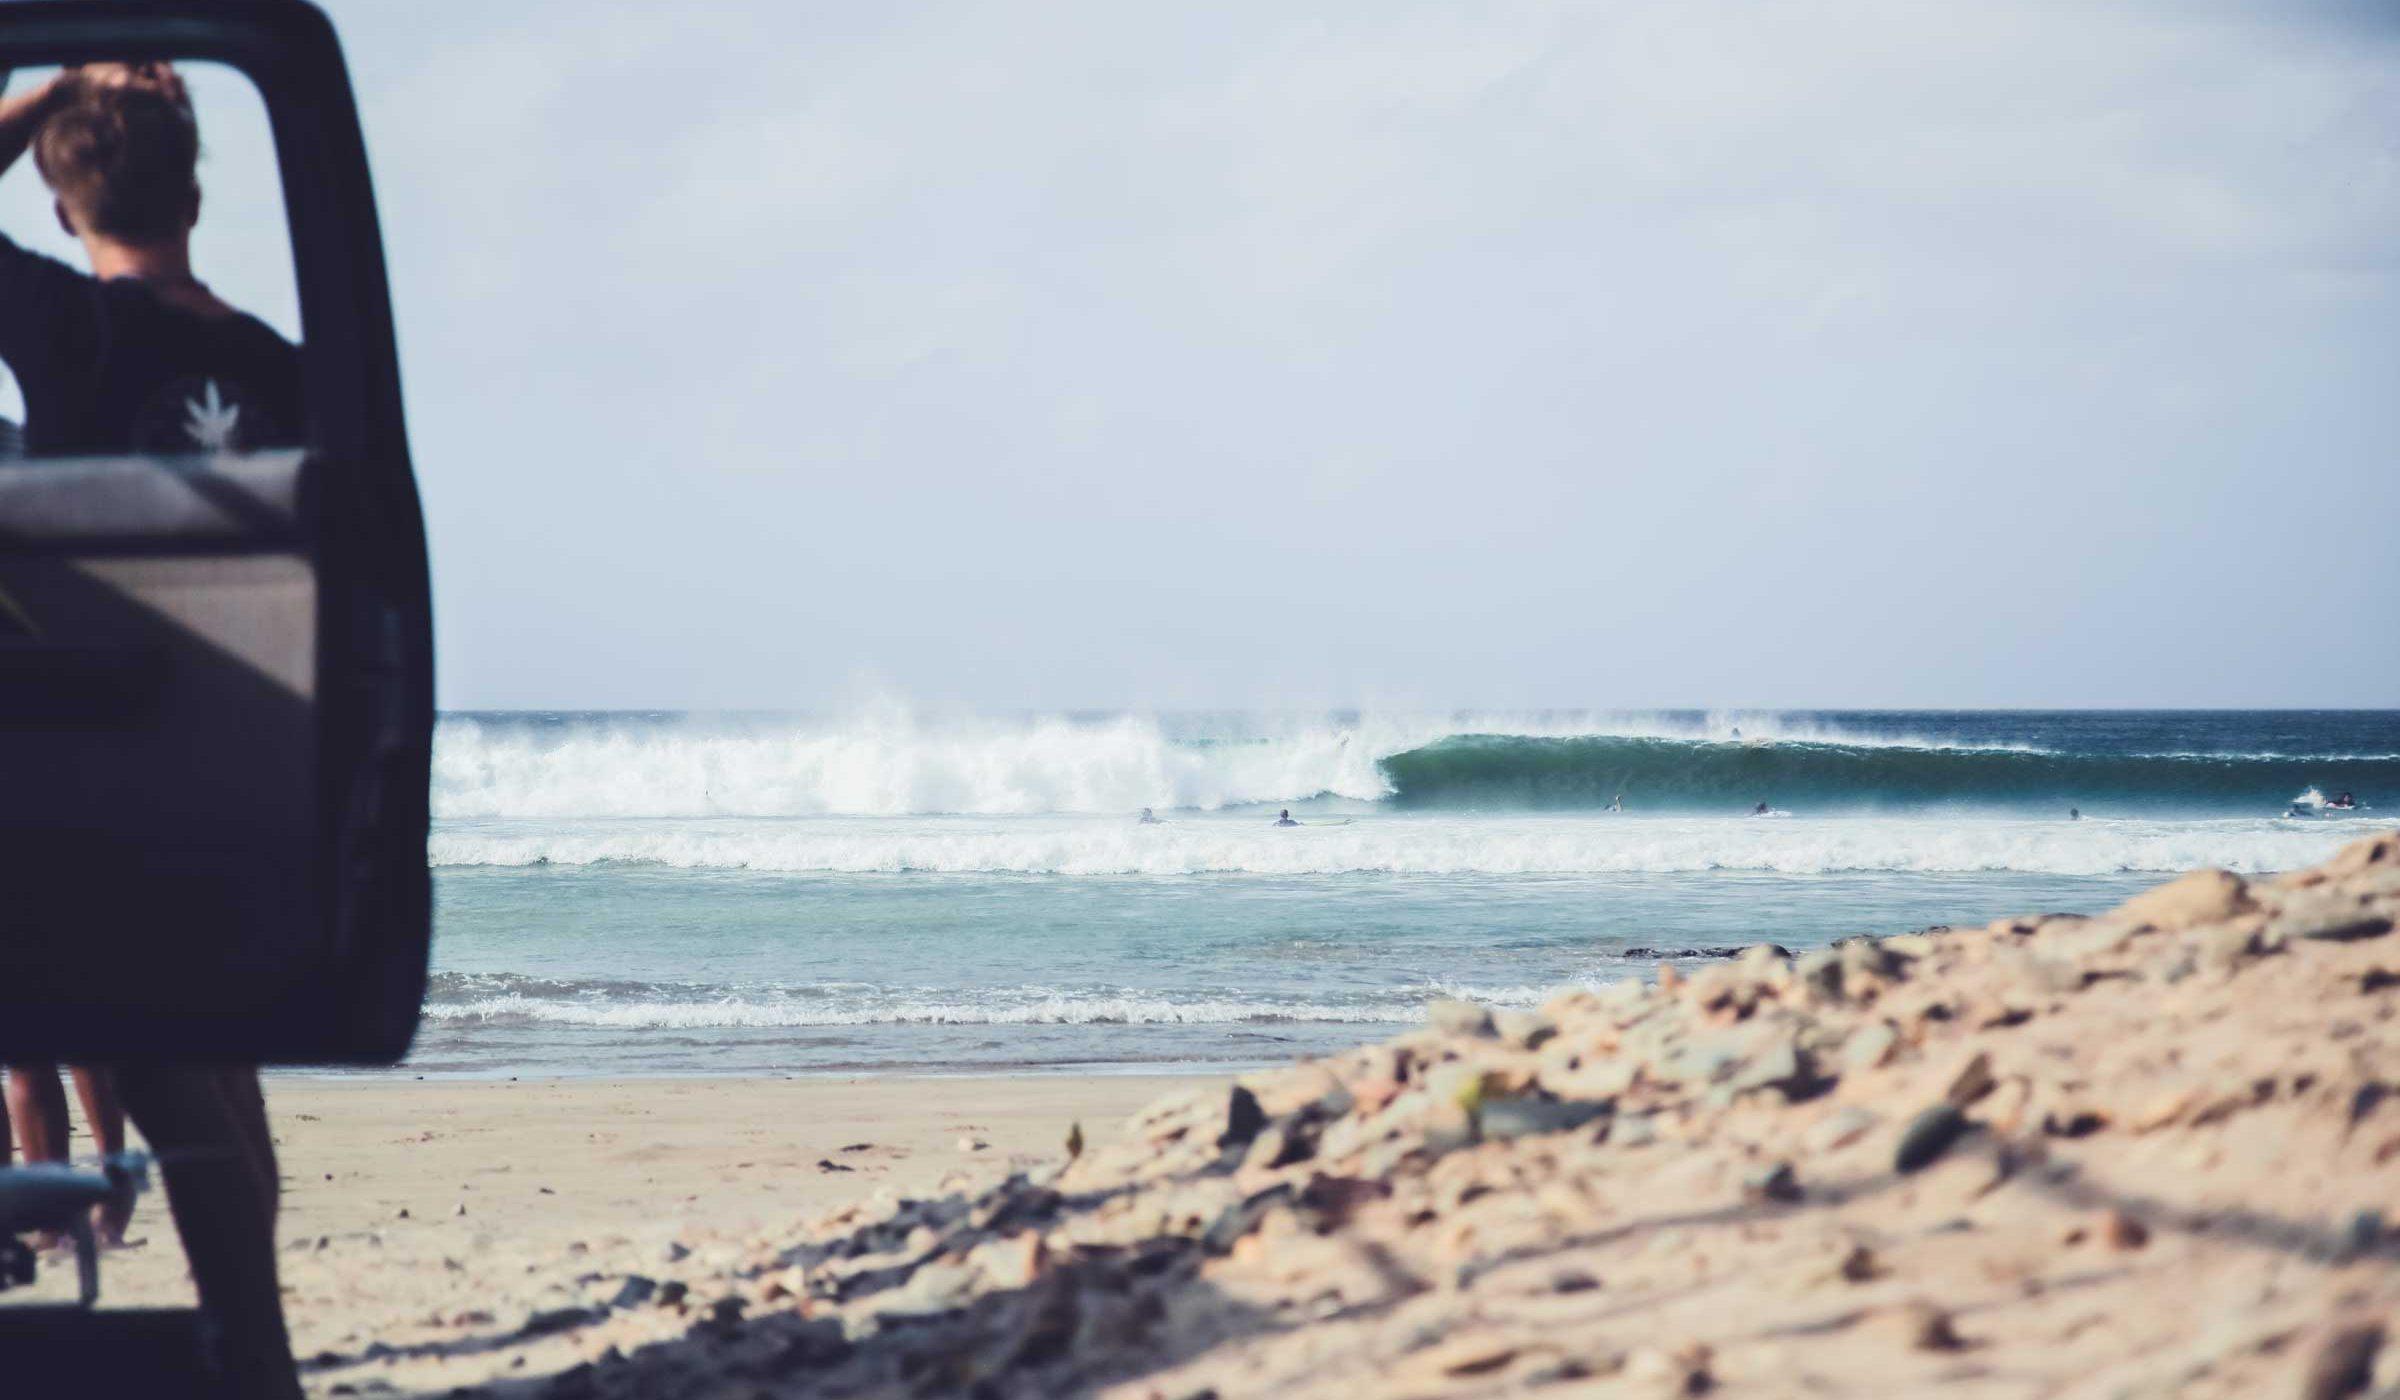 Nicaragua waves